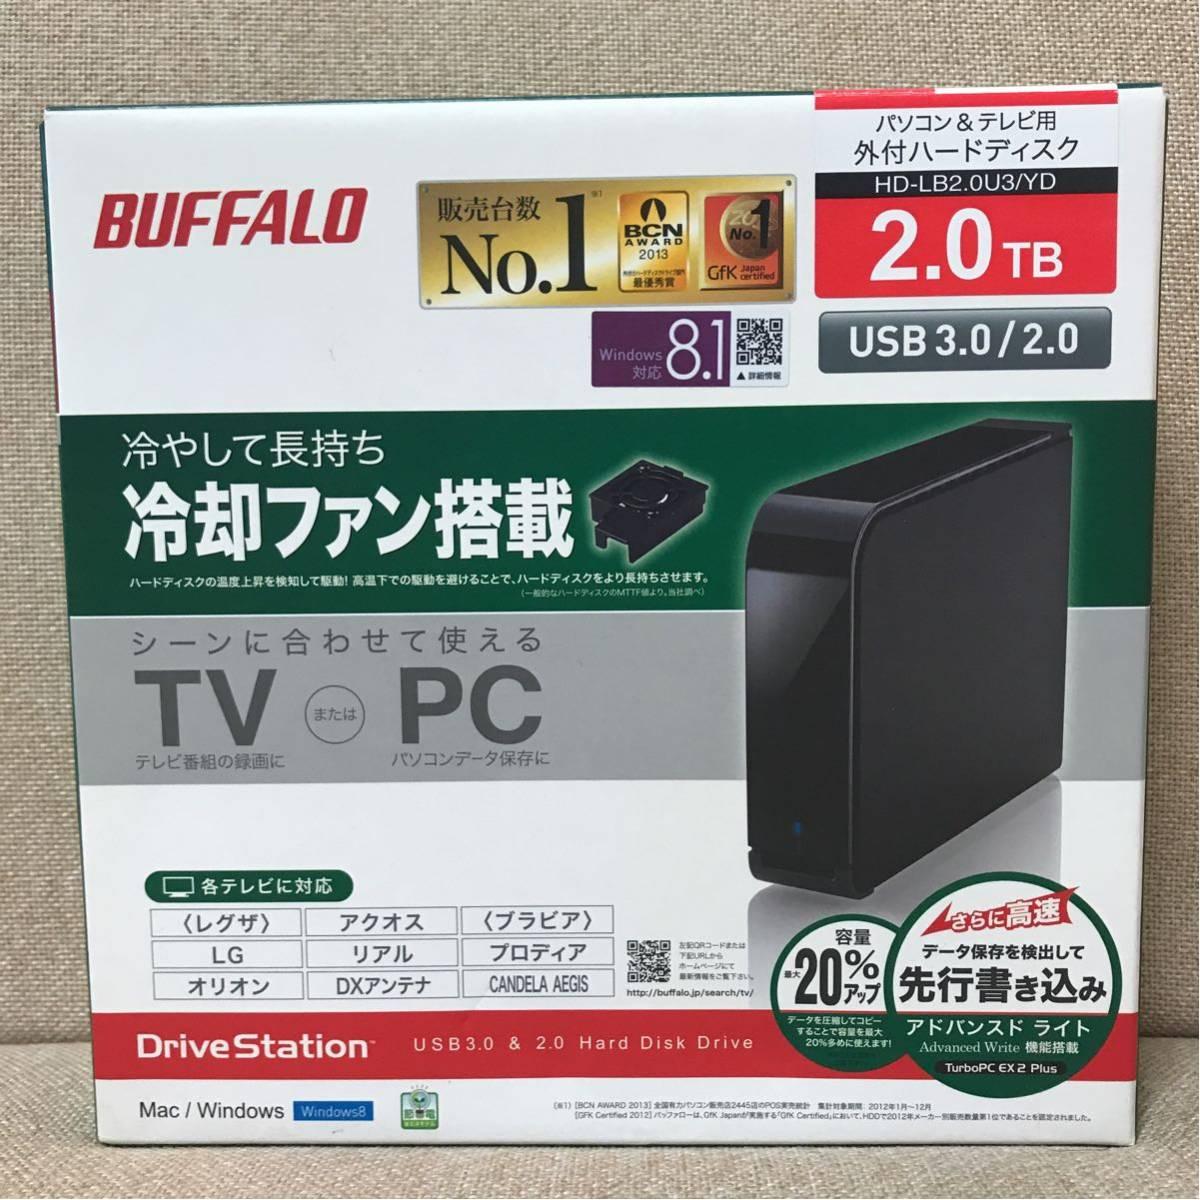 【未使用】Buffalo パソコン&テレビ用外付ハードディスク 2TB HD-LB2.0U3/YD